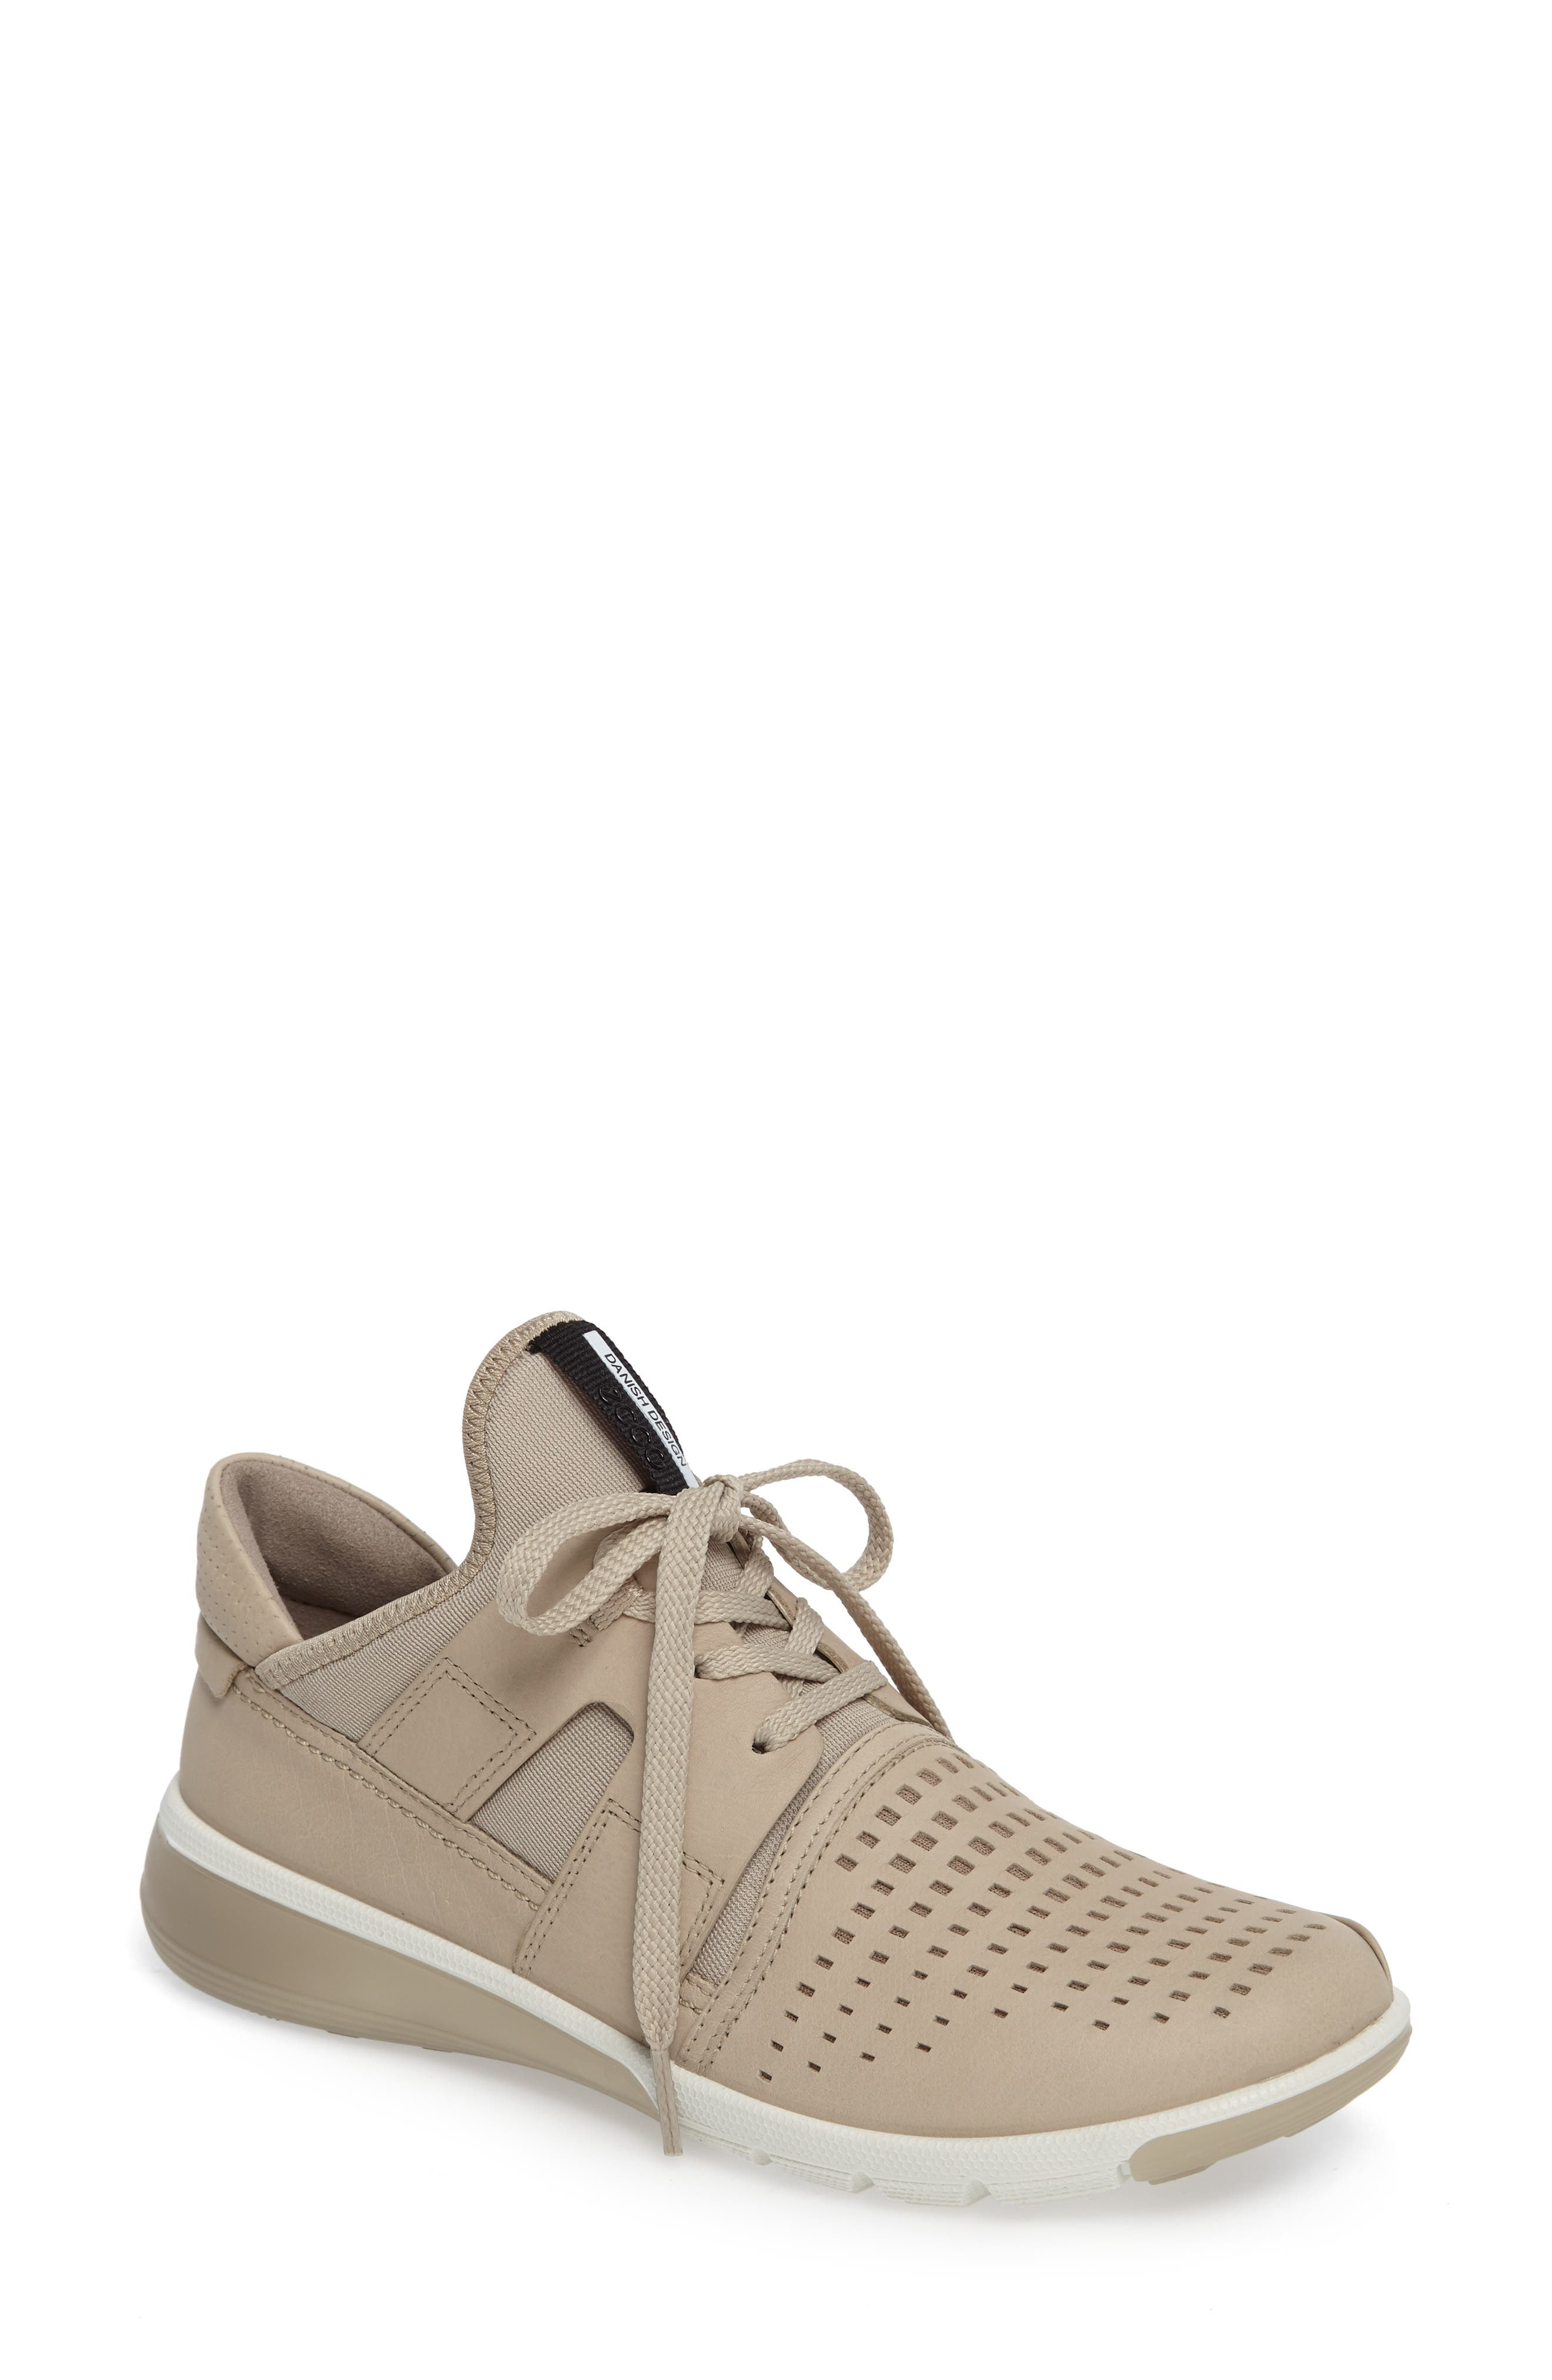 ECCO Intrinsic 2 Sneaker (Women)